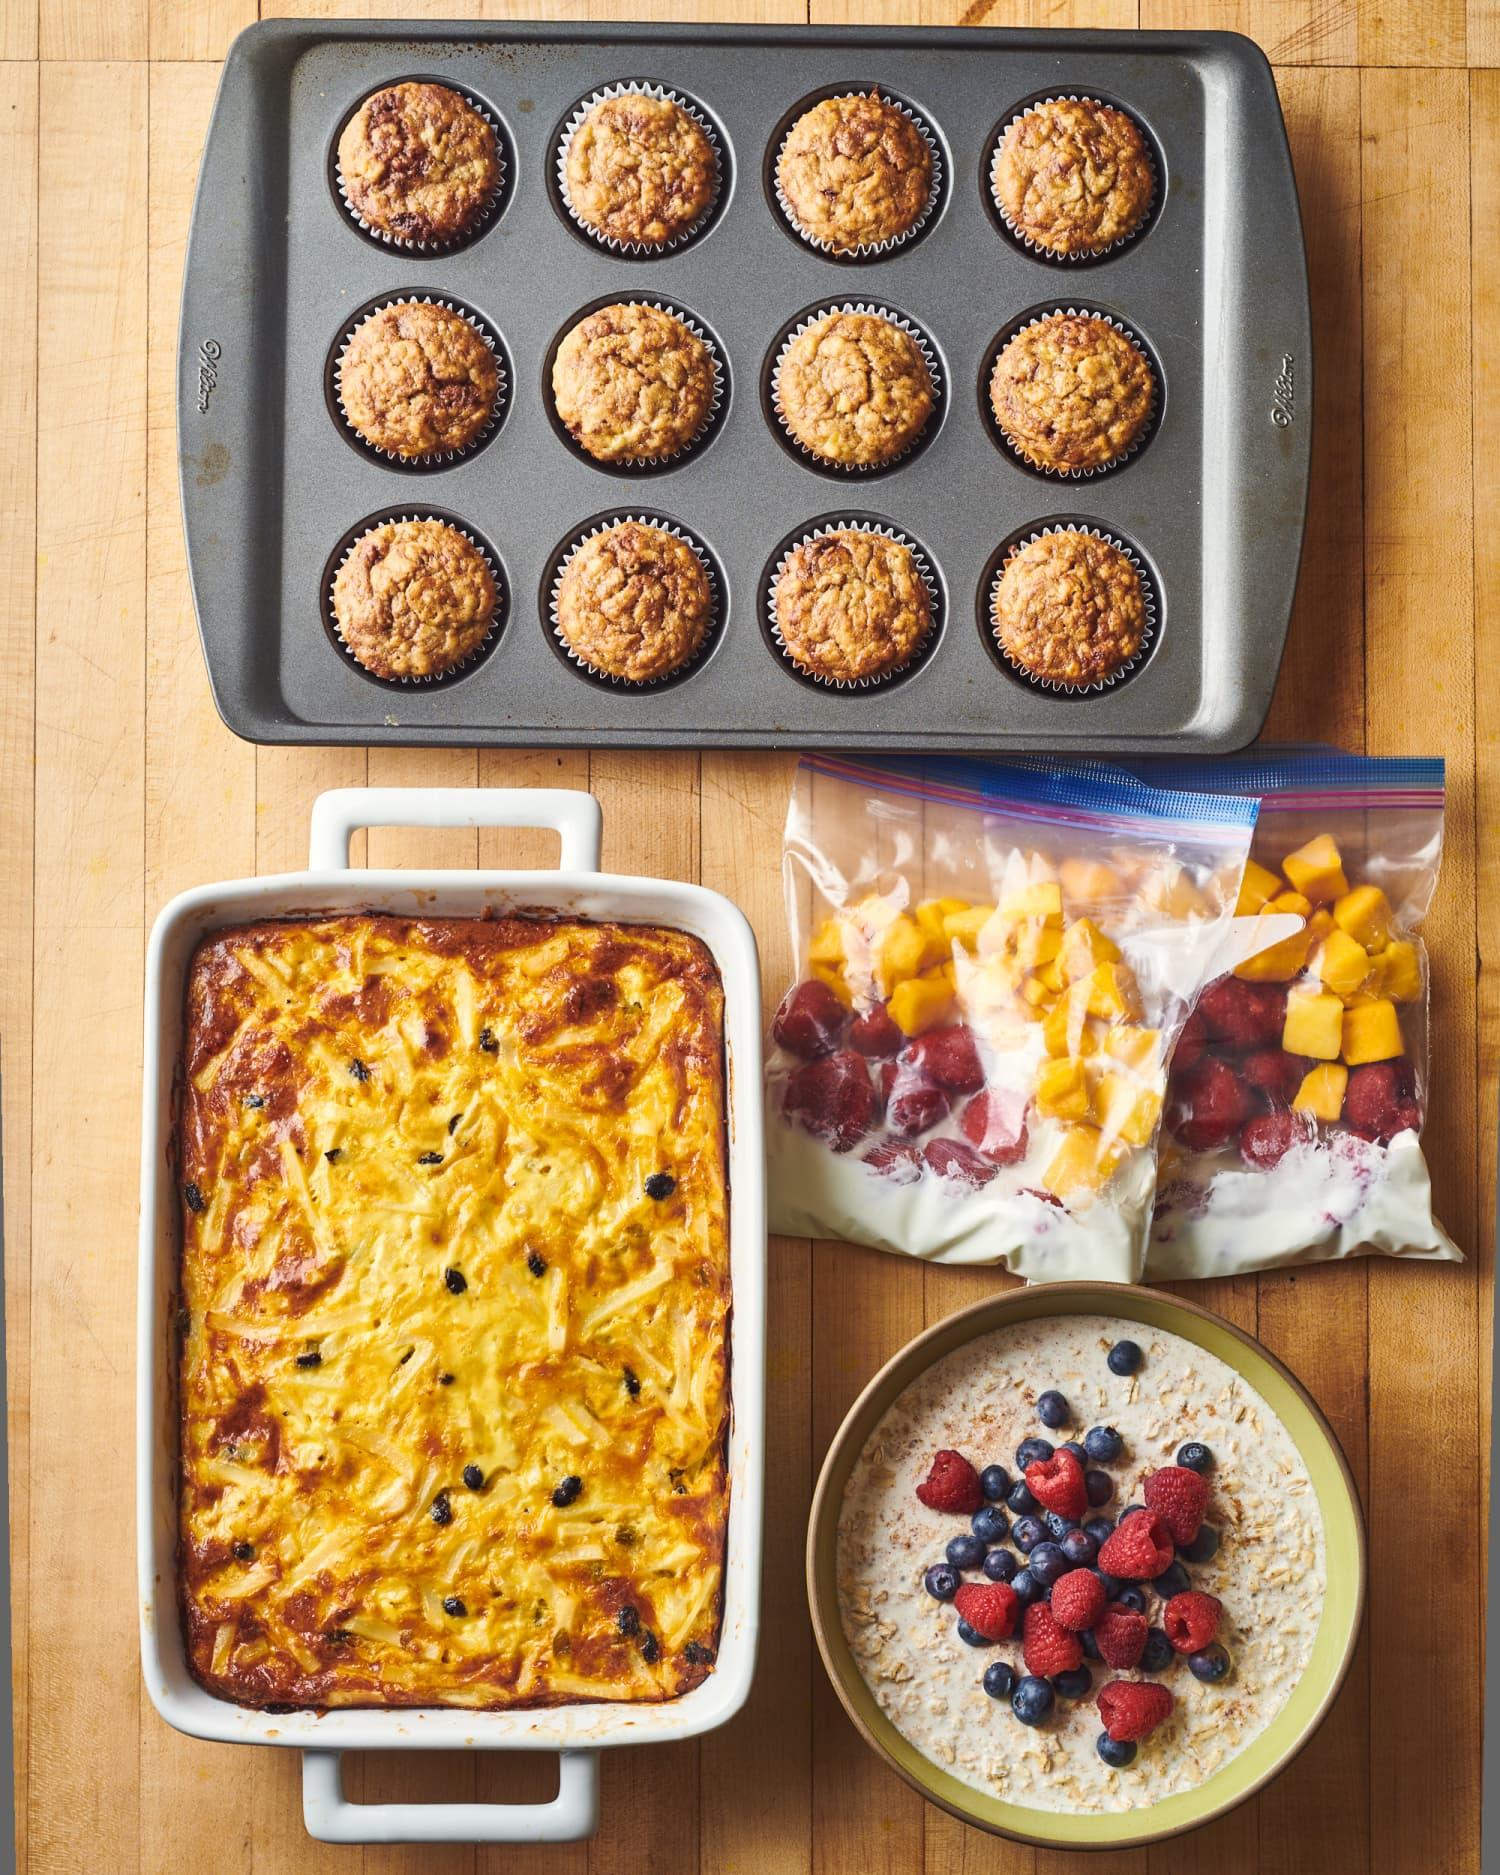 Meal Prep Plan: How I Prep 2 Weeks of Easy Breakfasts in Just 1 Hour